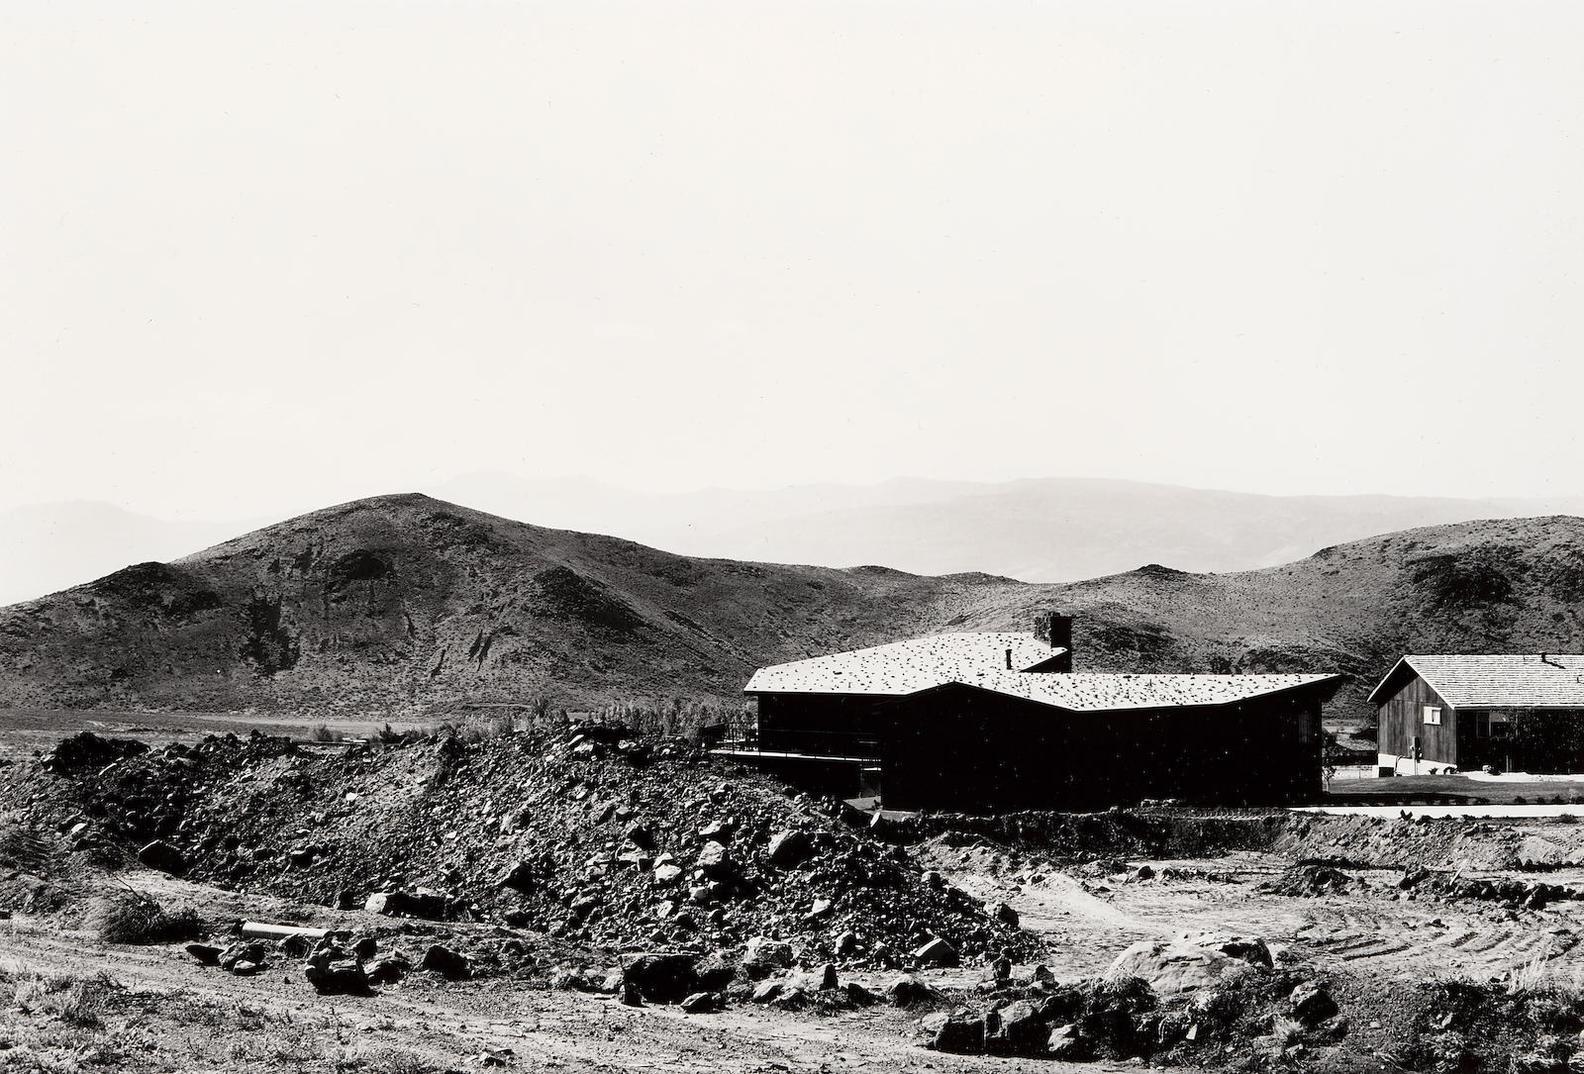 Lewis Baltz-Hidden Valley, Looking Southwest-1977